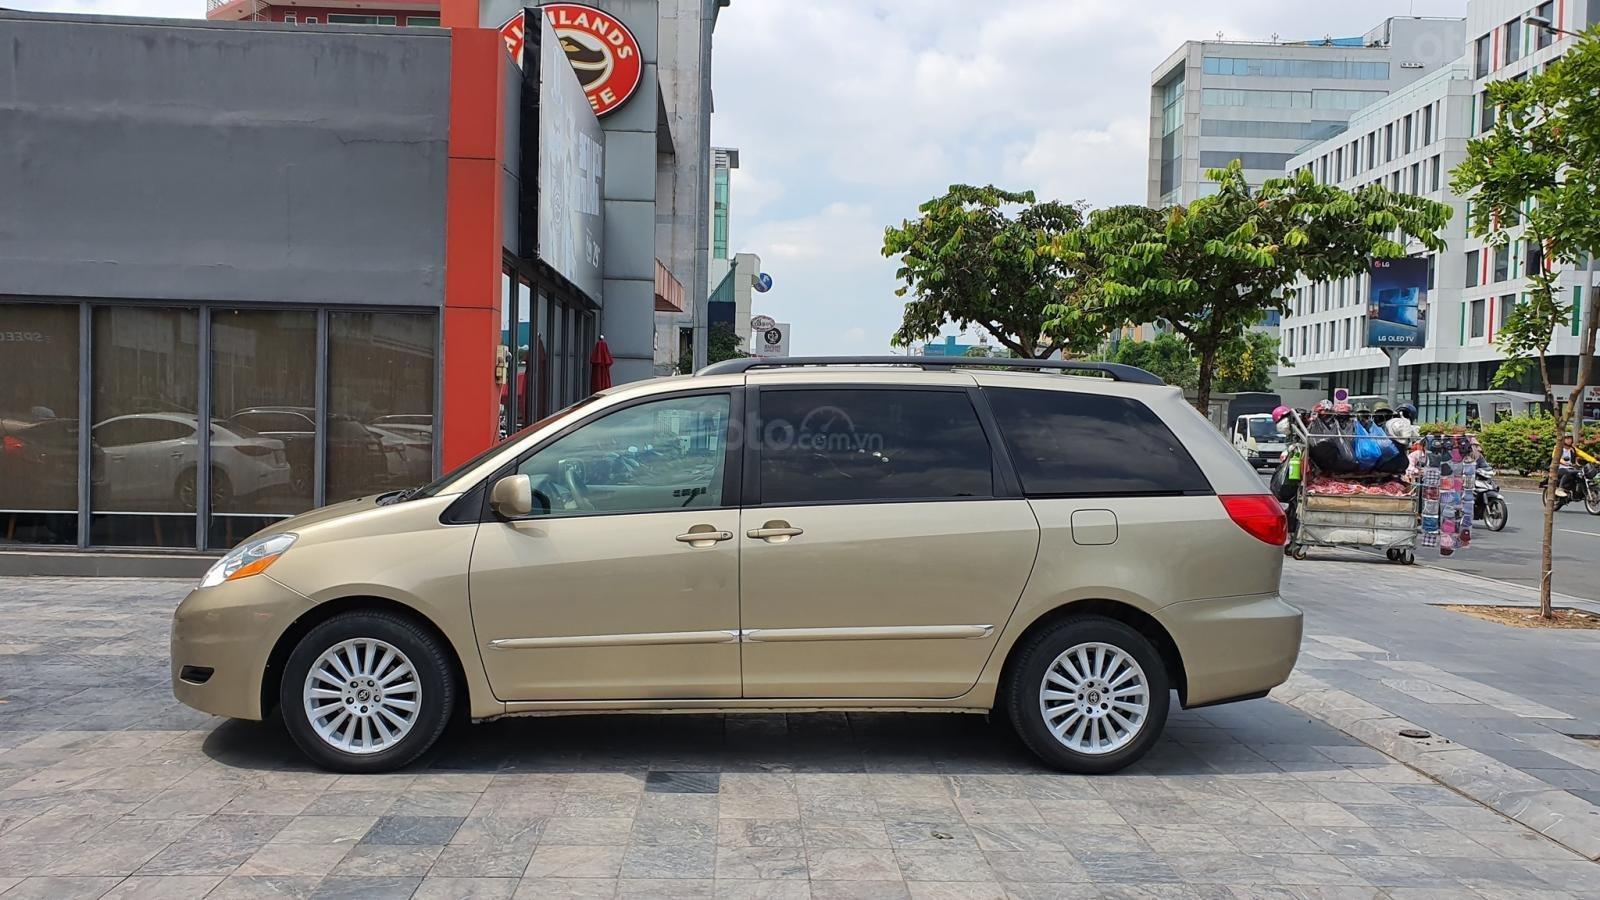 Cần bán xe Toyota Sienna LE 3.5 sản xuất 2008 màu vàng, nhập khẩu (2)